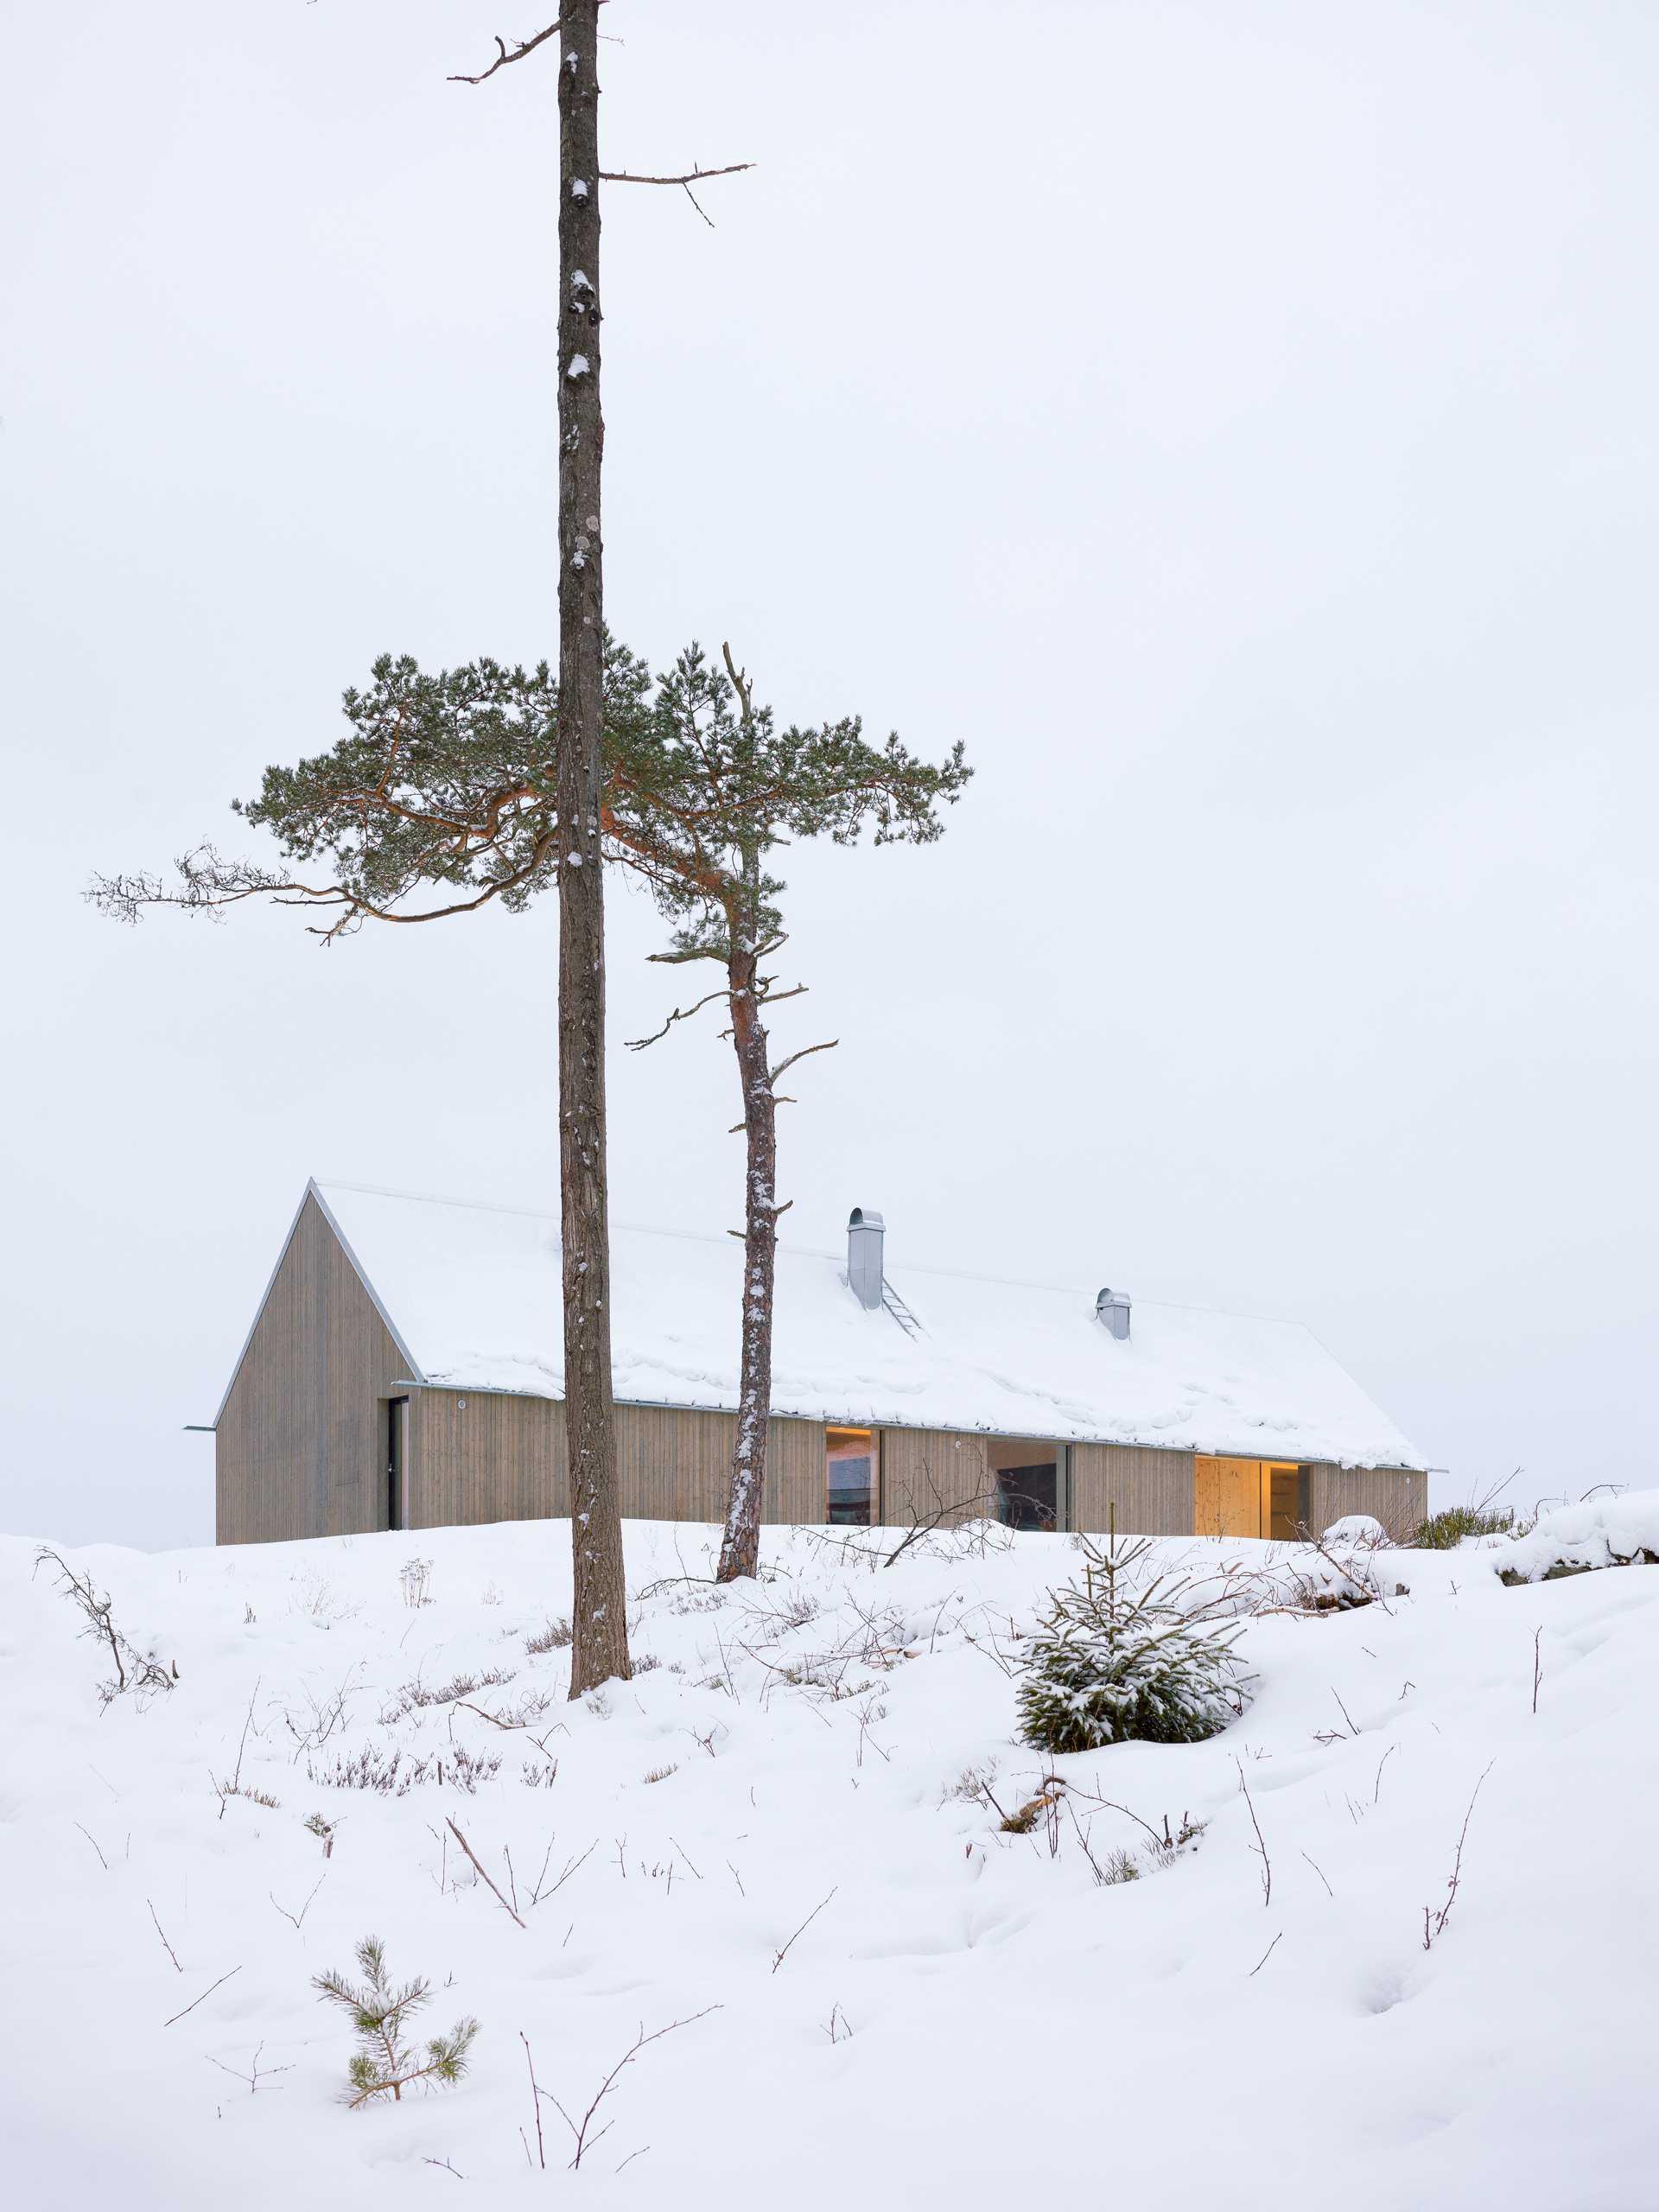 Dasland Cabin  - 01 daslund 31